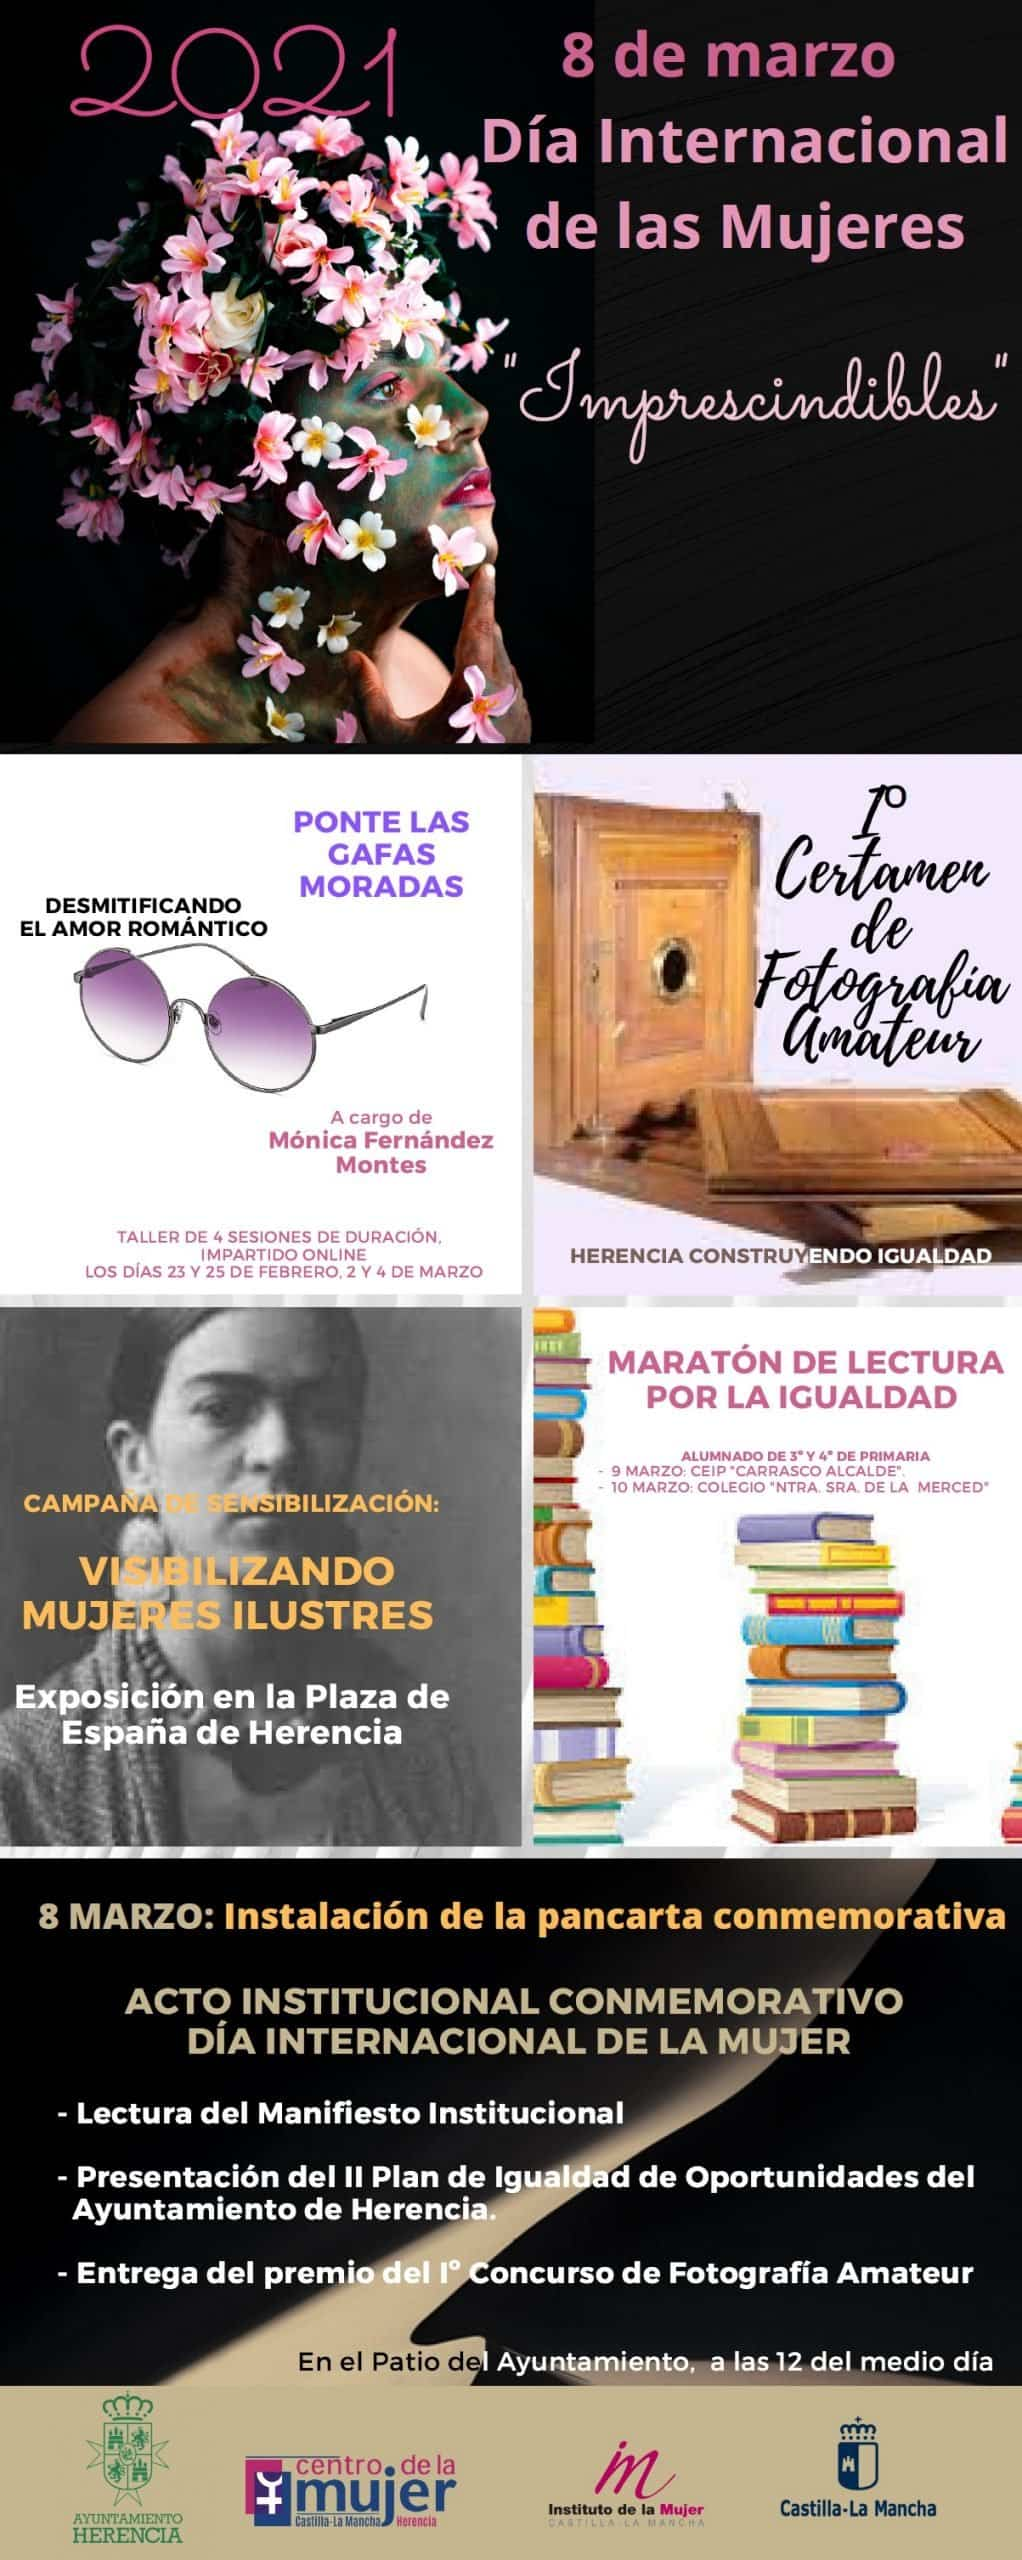 """El Centro de la Mujer conmemora el 8 de marzo construyendo igualdad para mujeres """"Imprescindibles"""" 3"""